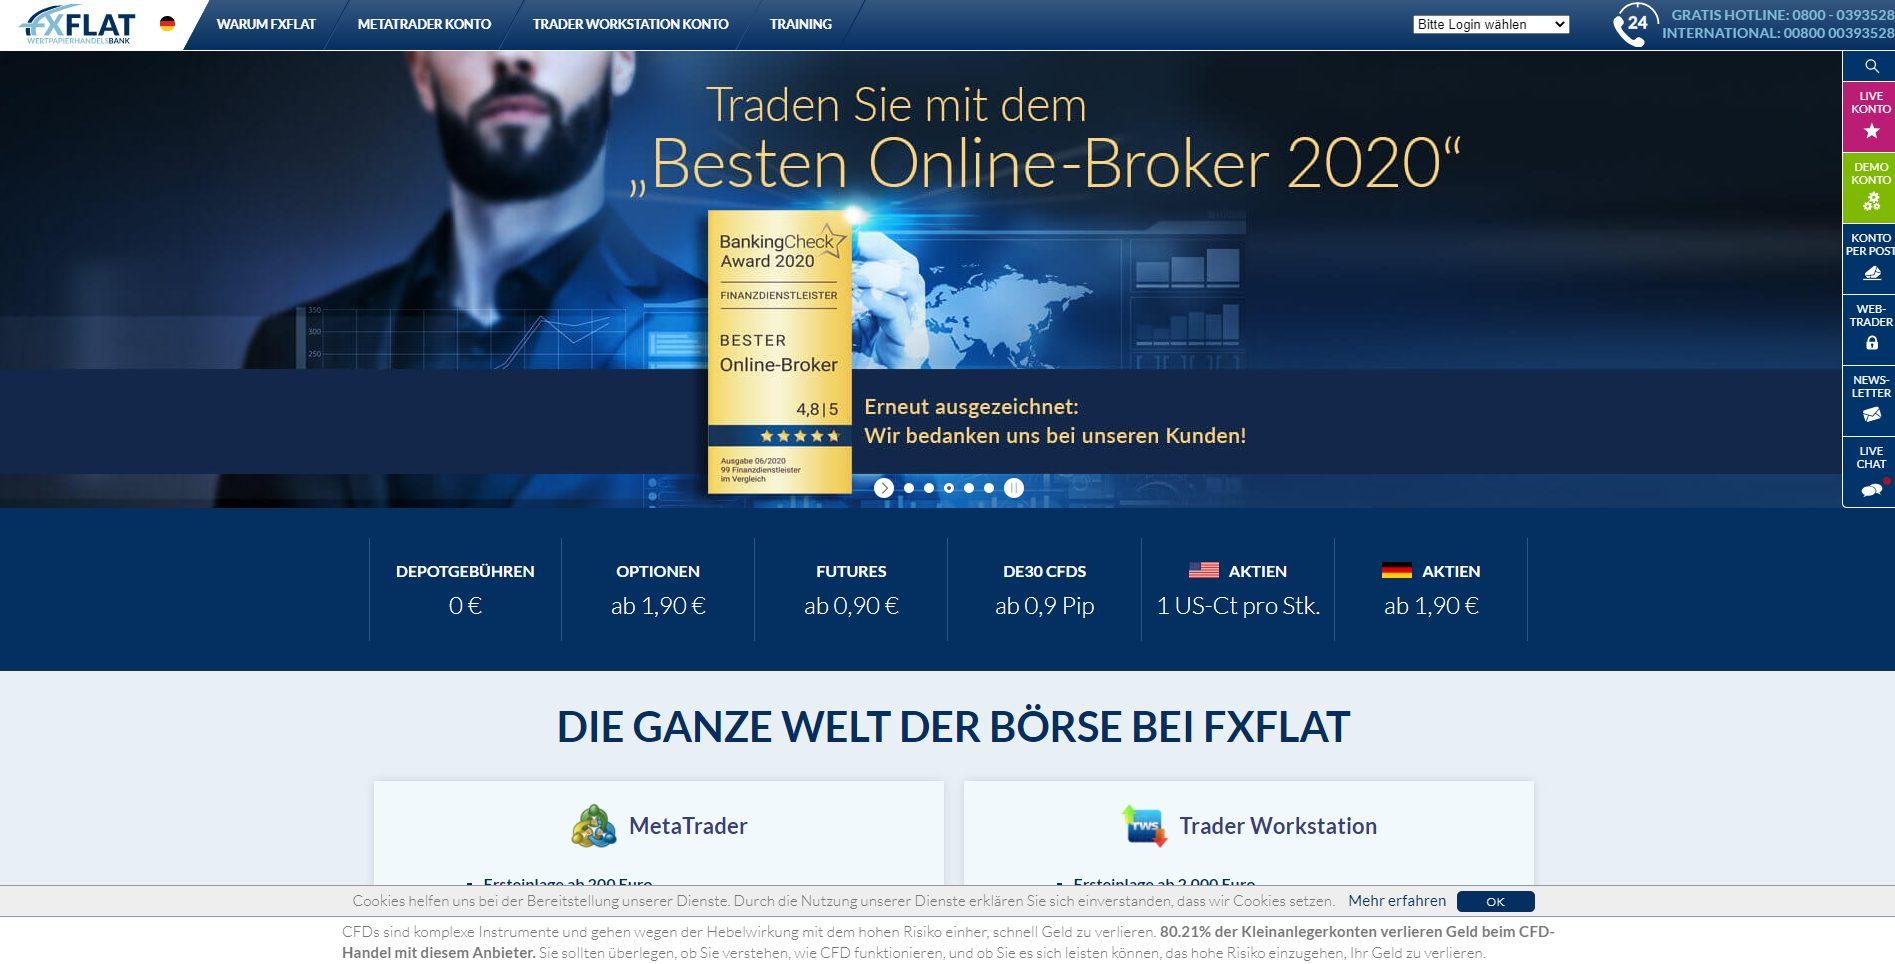 FXFlat Webseite